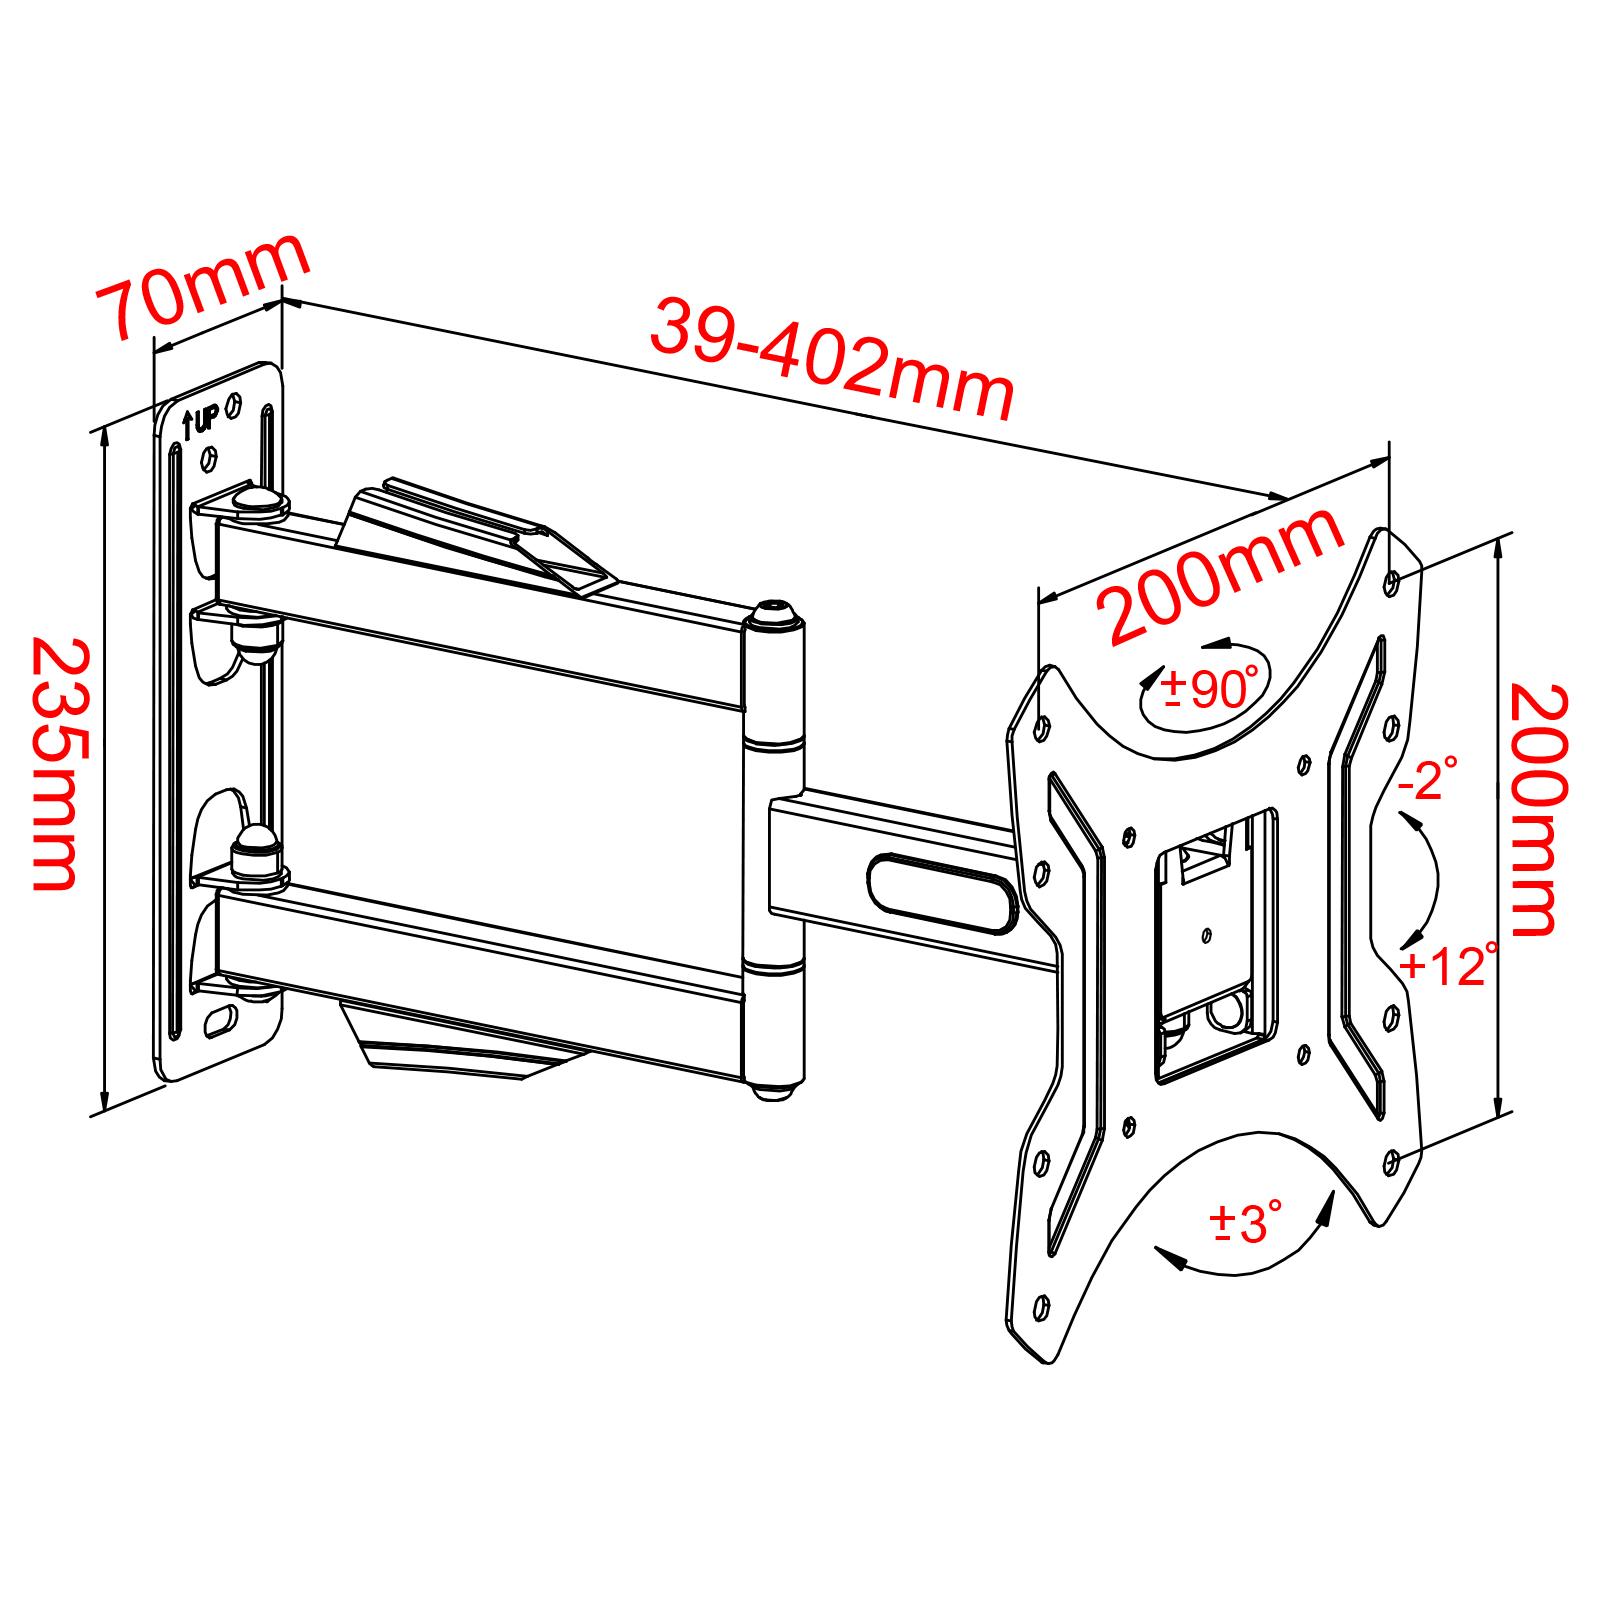 tv led fernseher wandhalterung halterung schwenkbar neigbar 14 42 zoll wh8502 ebay. Black Bedroom Furniture Sets. Home Design Ideas